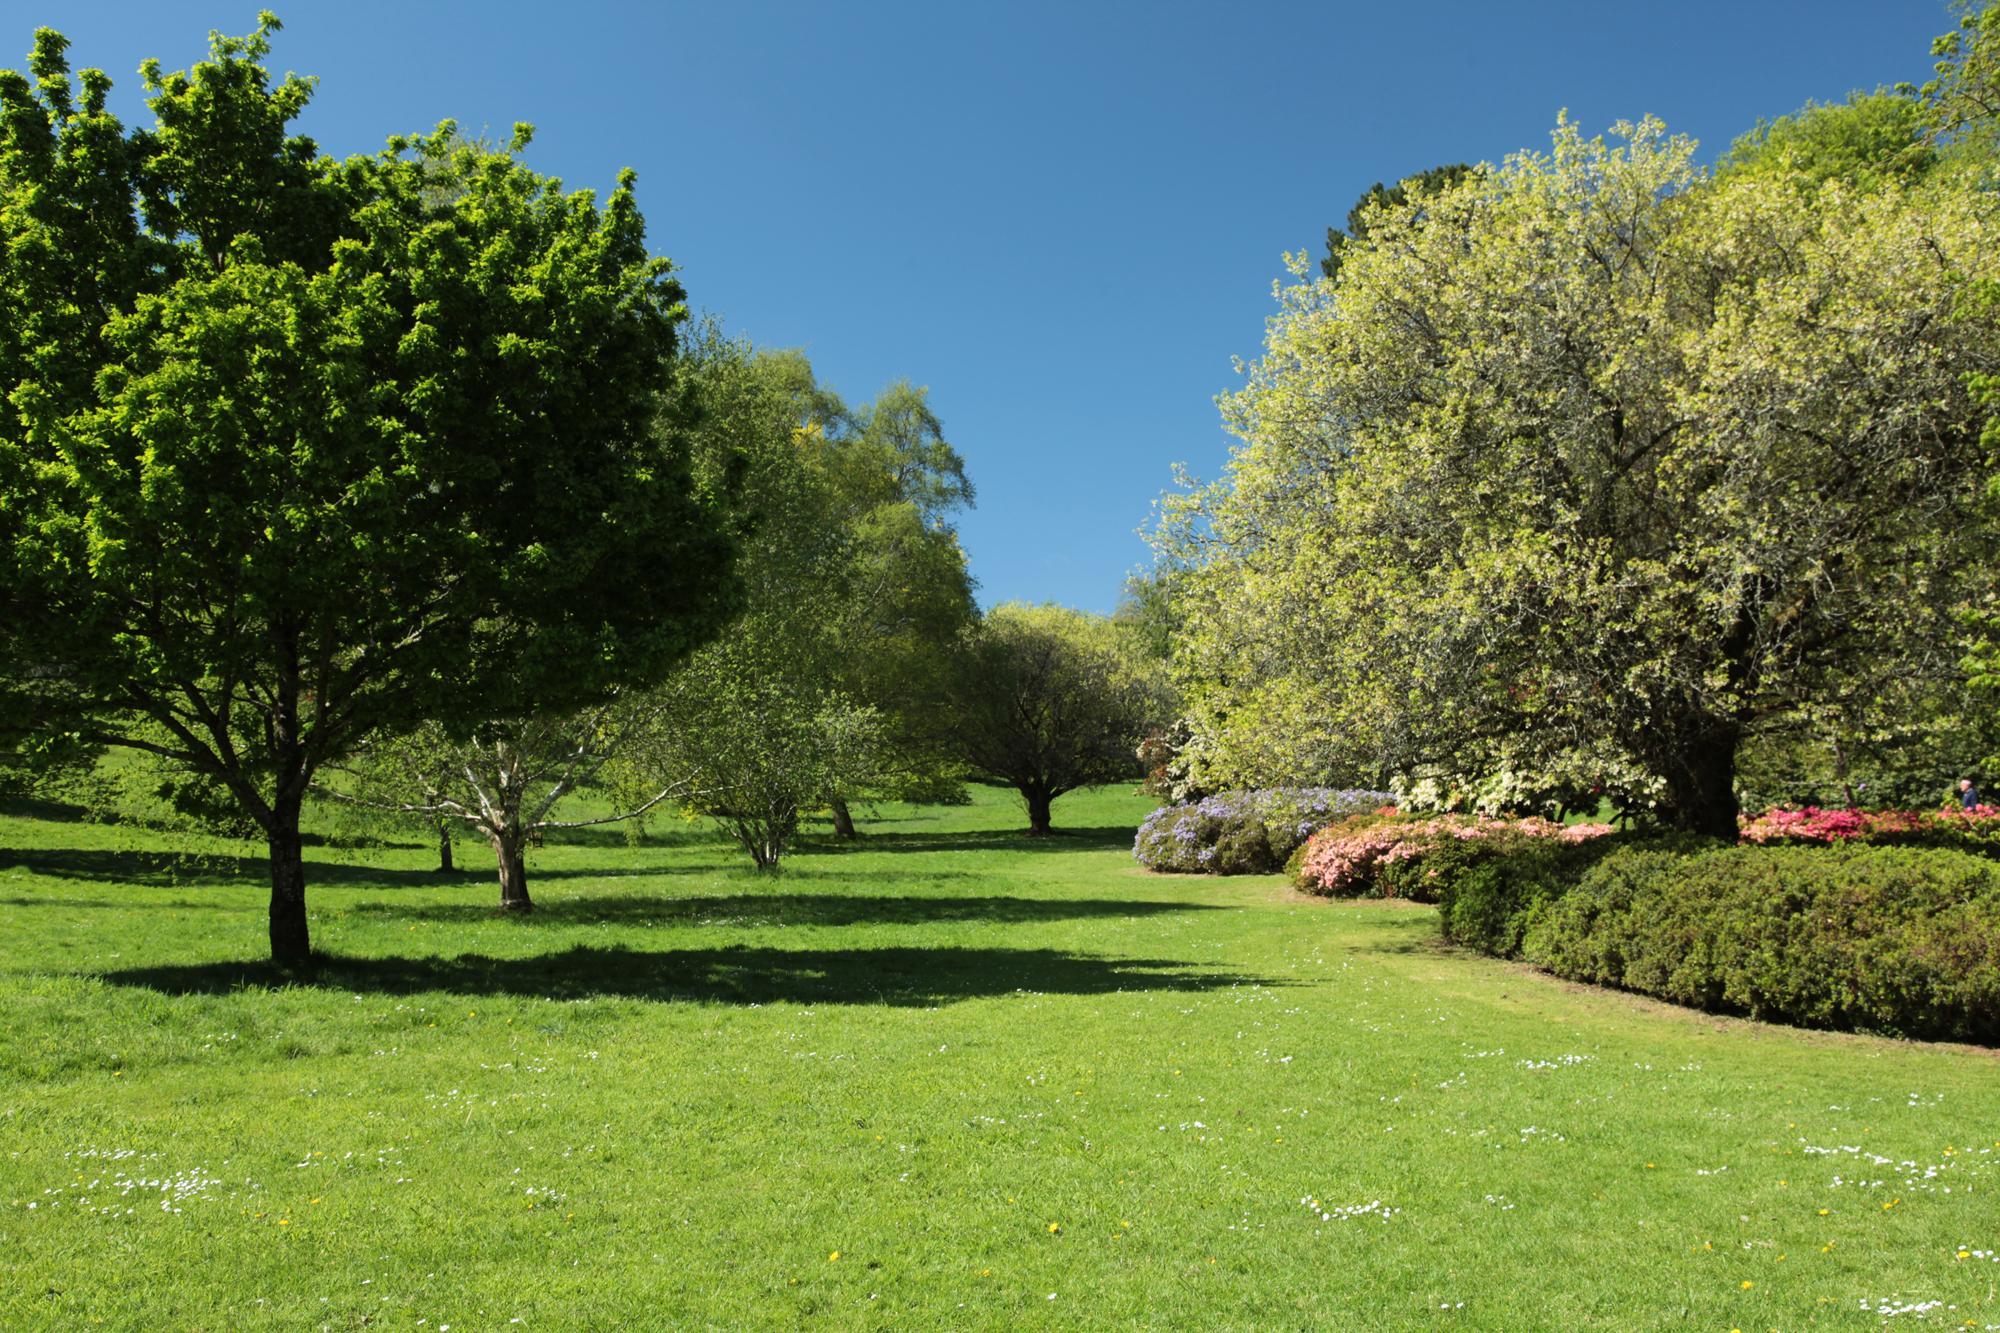 Cockington Arboretum